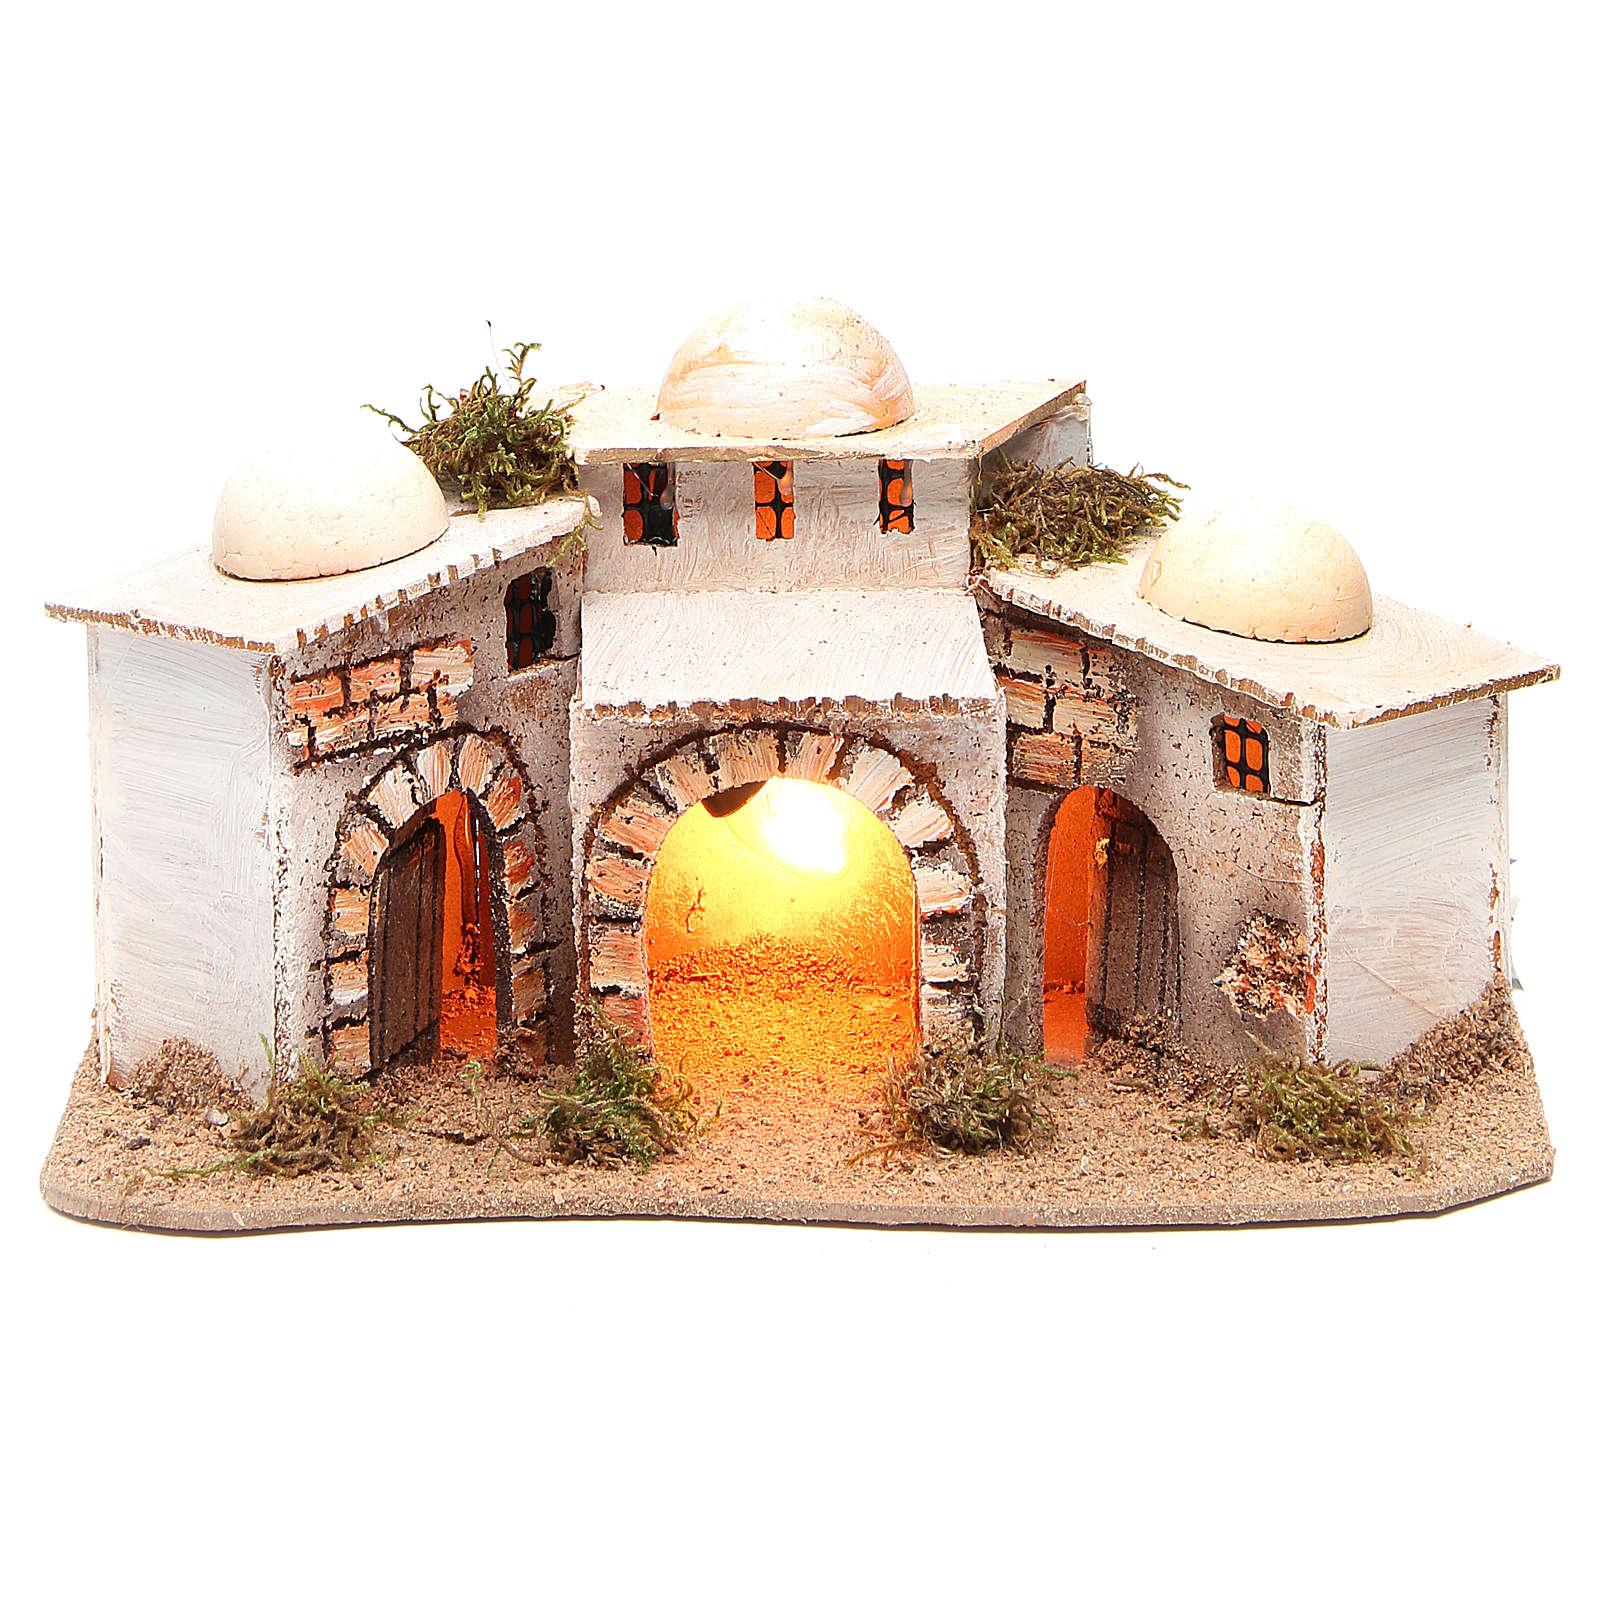 Maisons arabe composition 28x18x14 cm avec éclairage 4